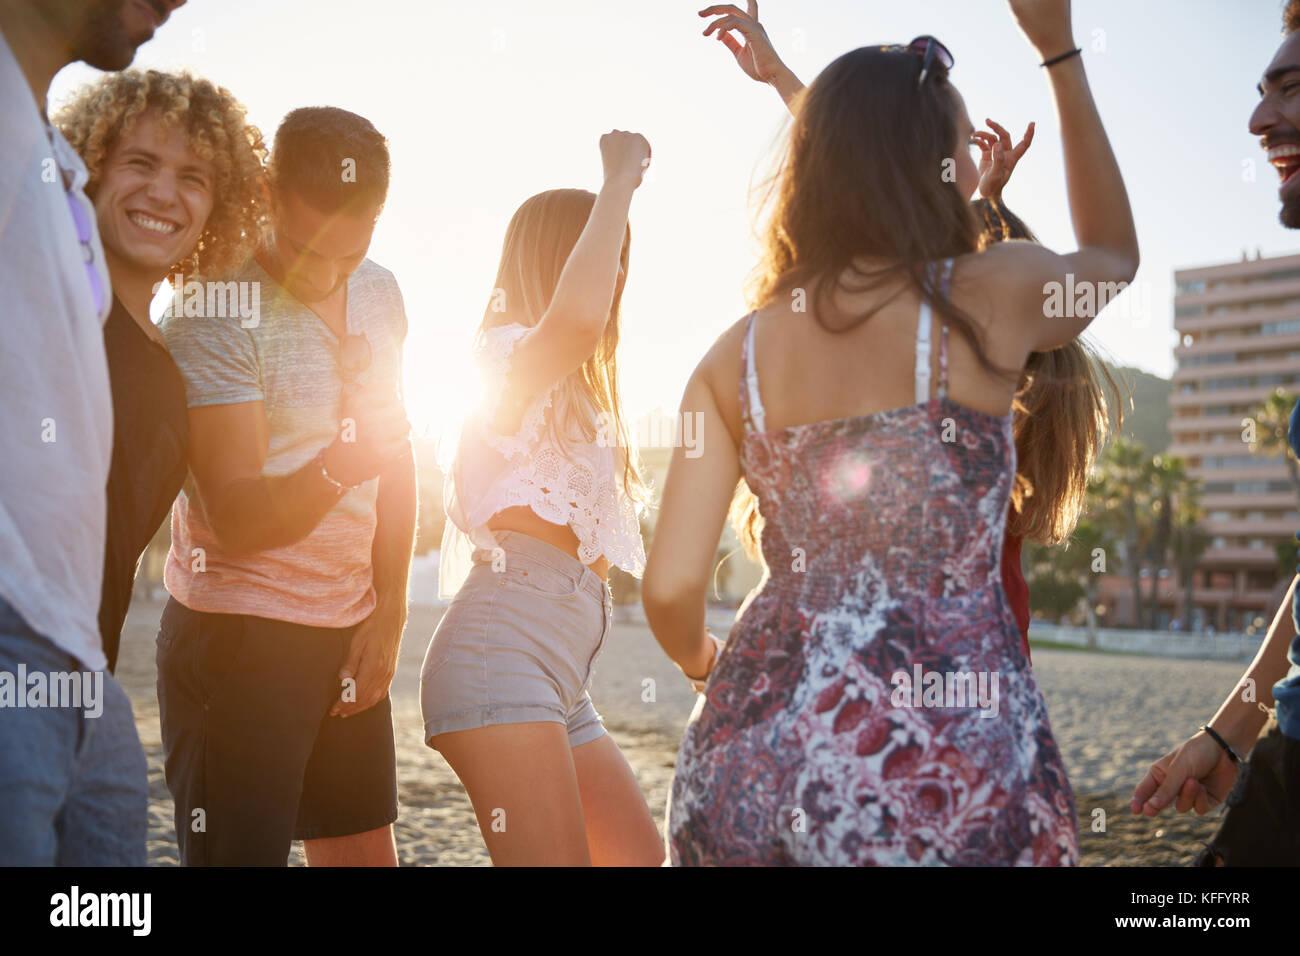 Ritratto di gruppo di amici avente party sulla spiaggia Immagini Stock